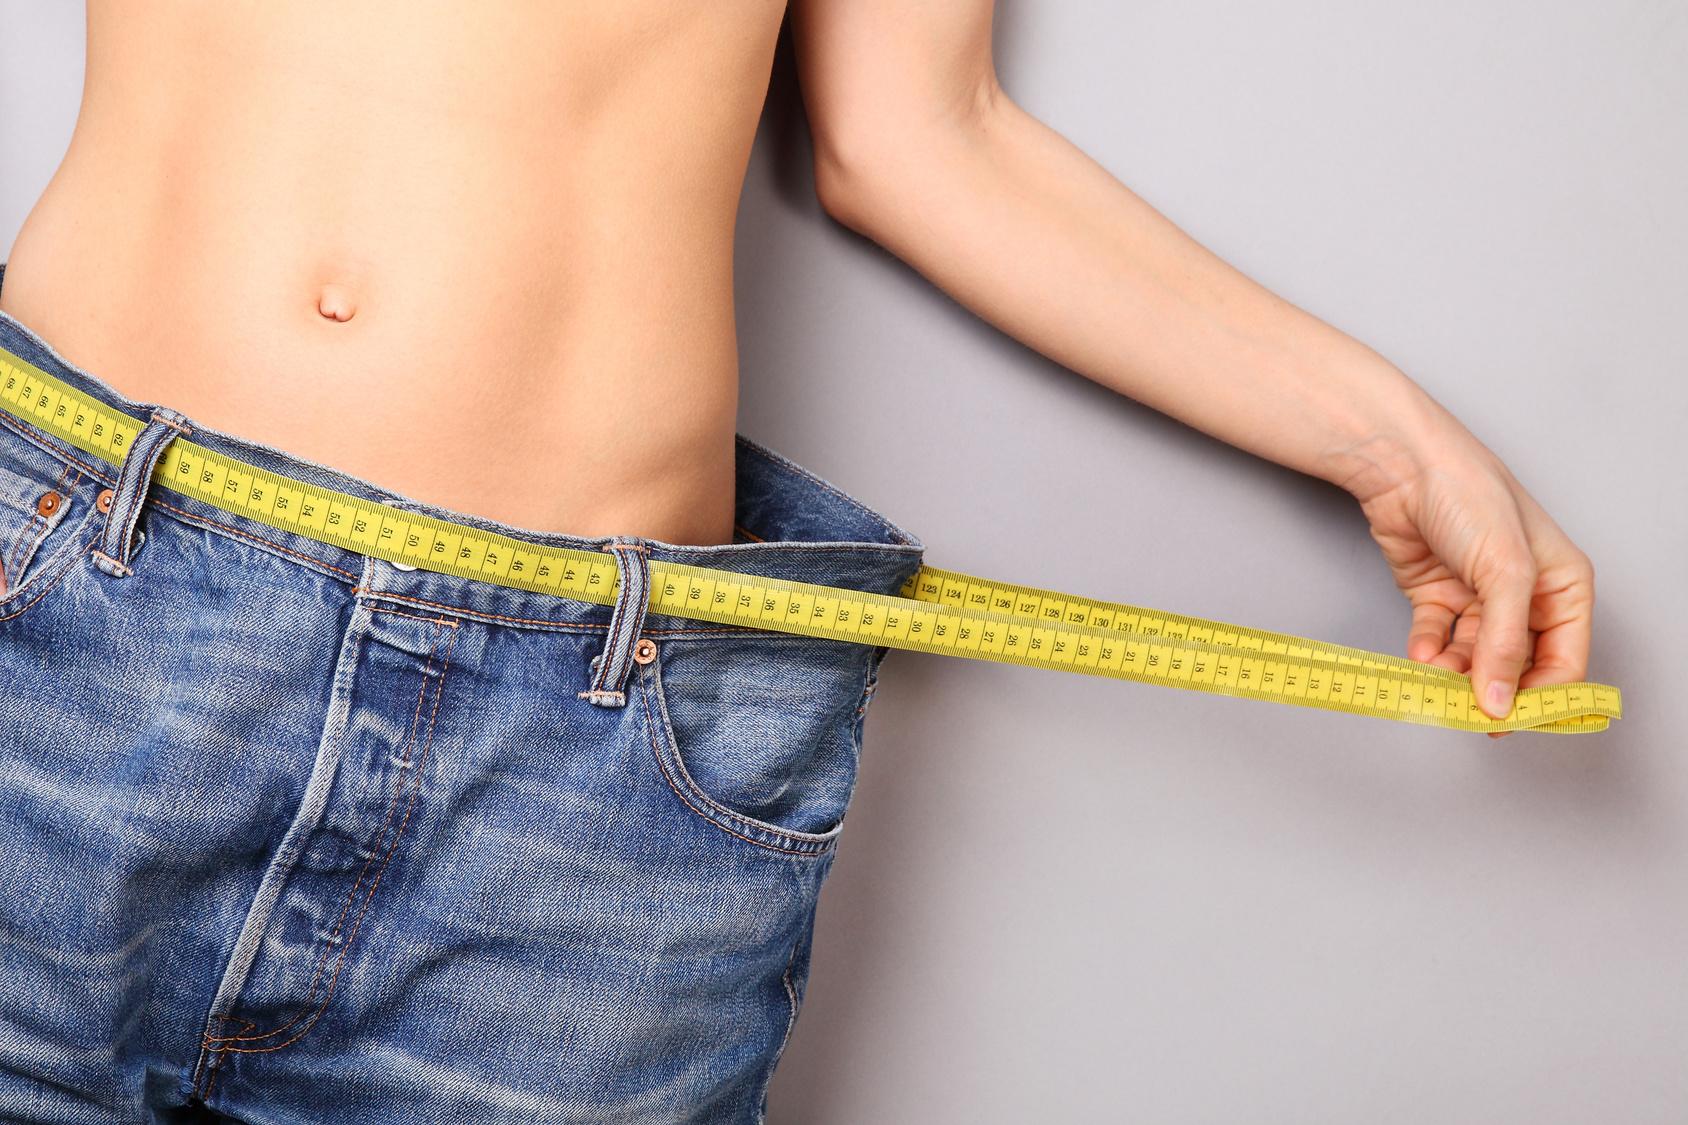 Verbrenne mehr Fett in 10 Wochen